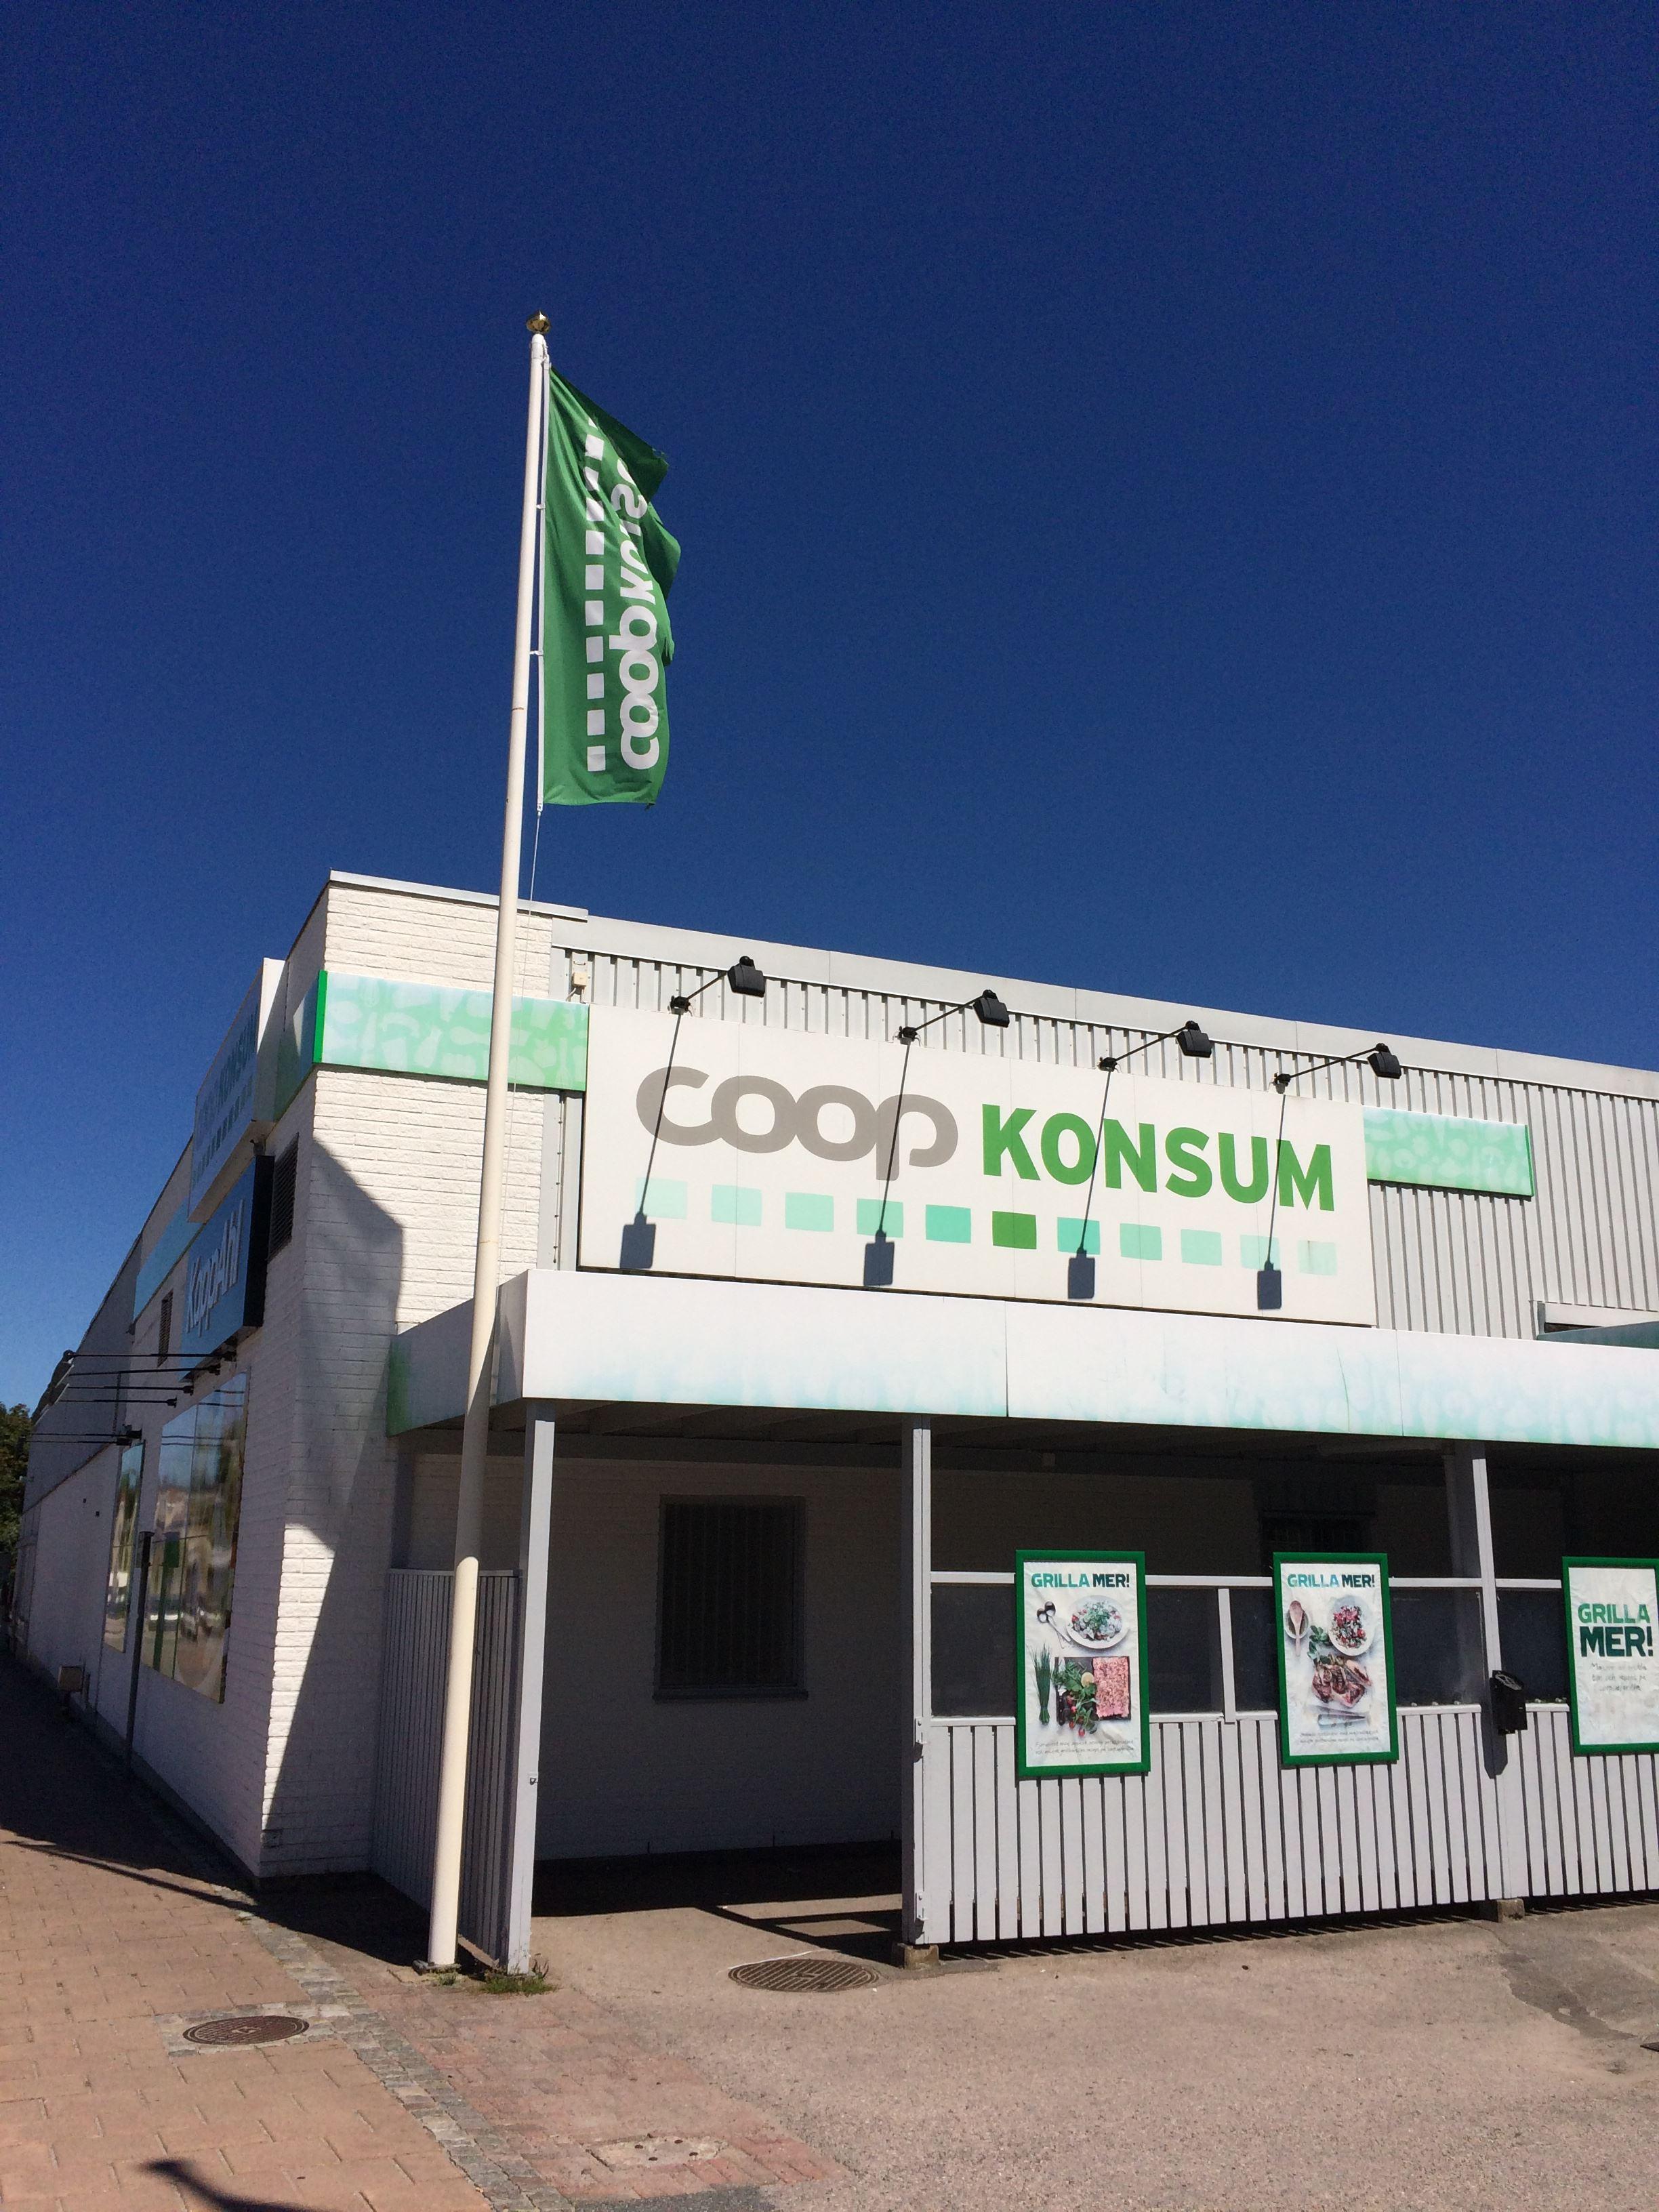 Coop Konsum (Lebensmittelmarkt)